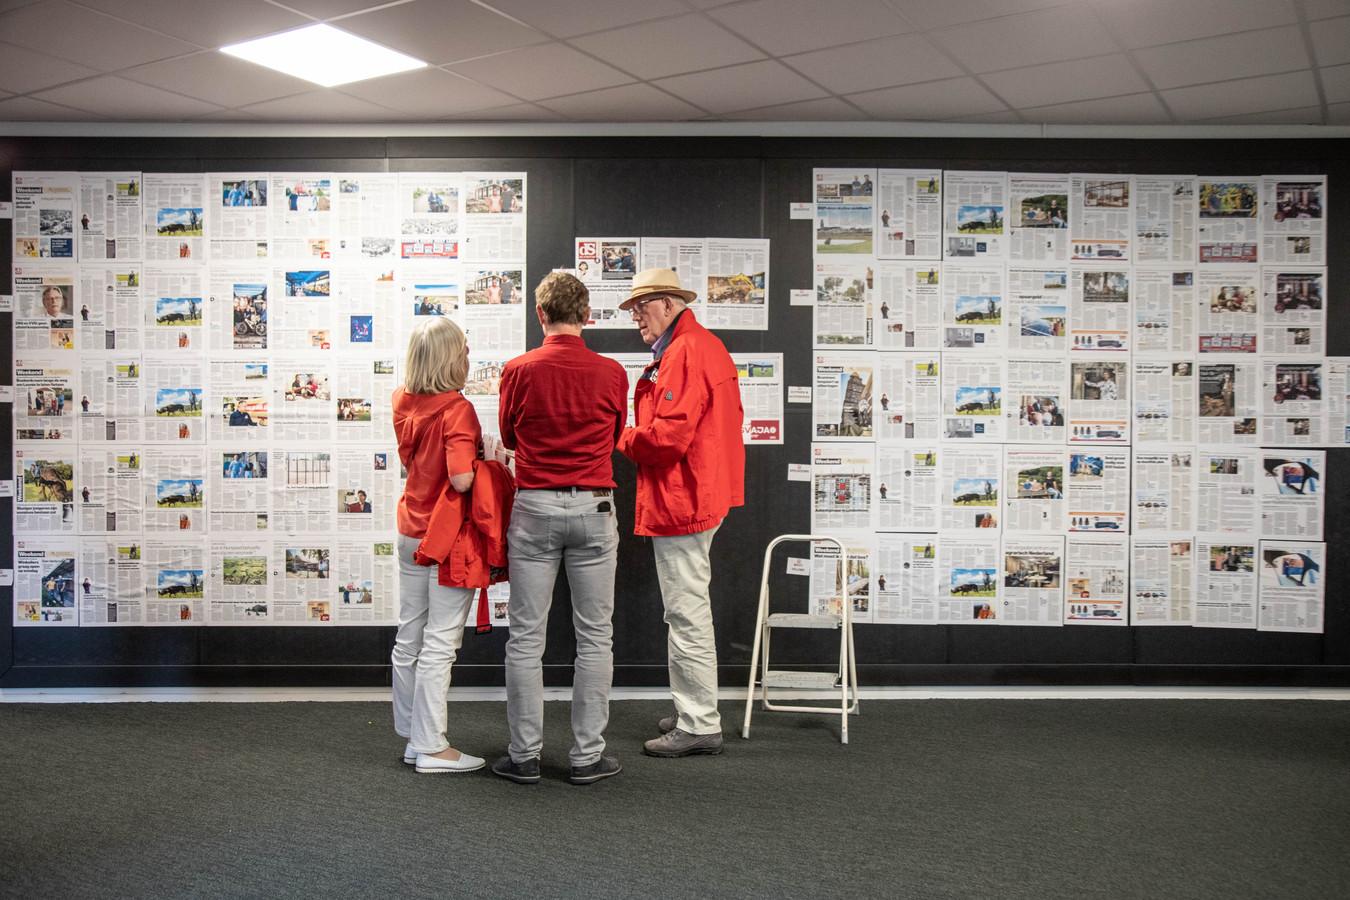 De muur met alle edities van de Stentor.